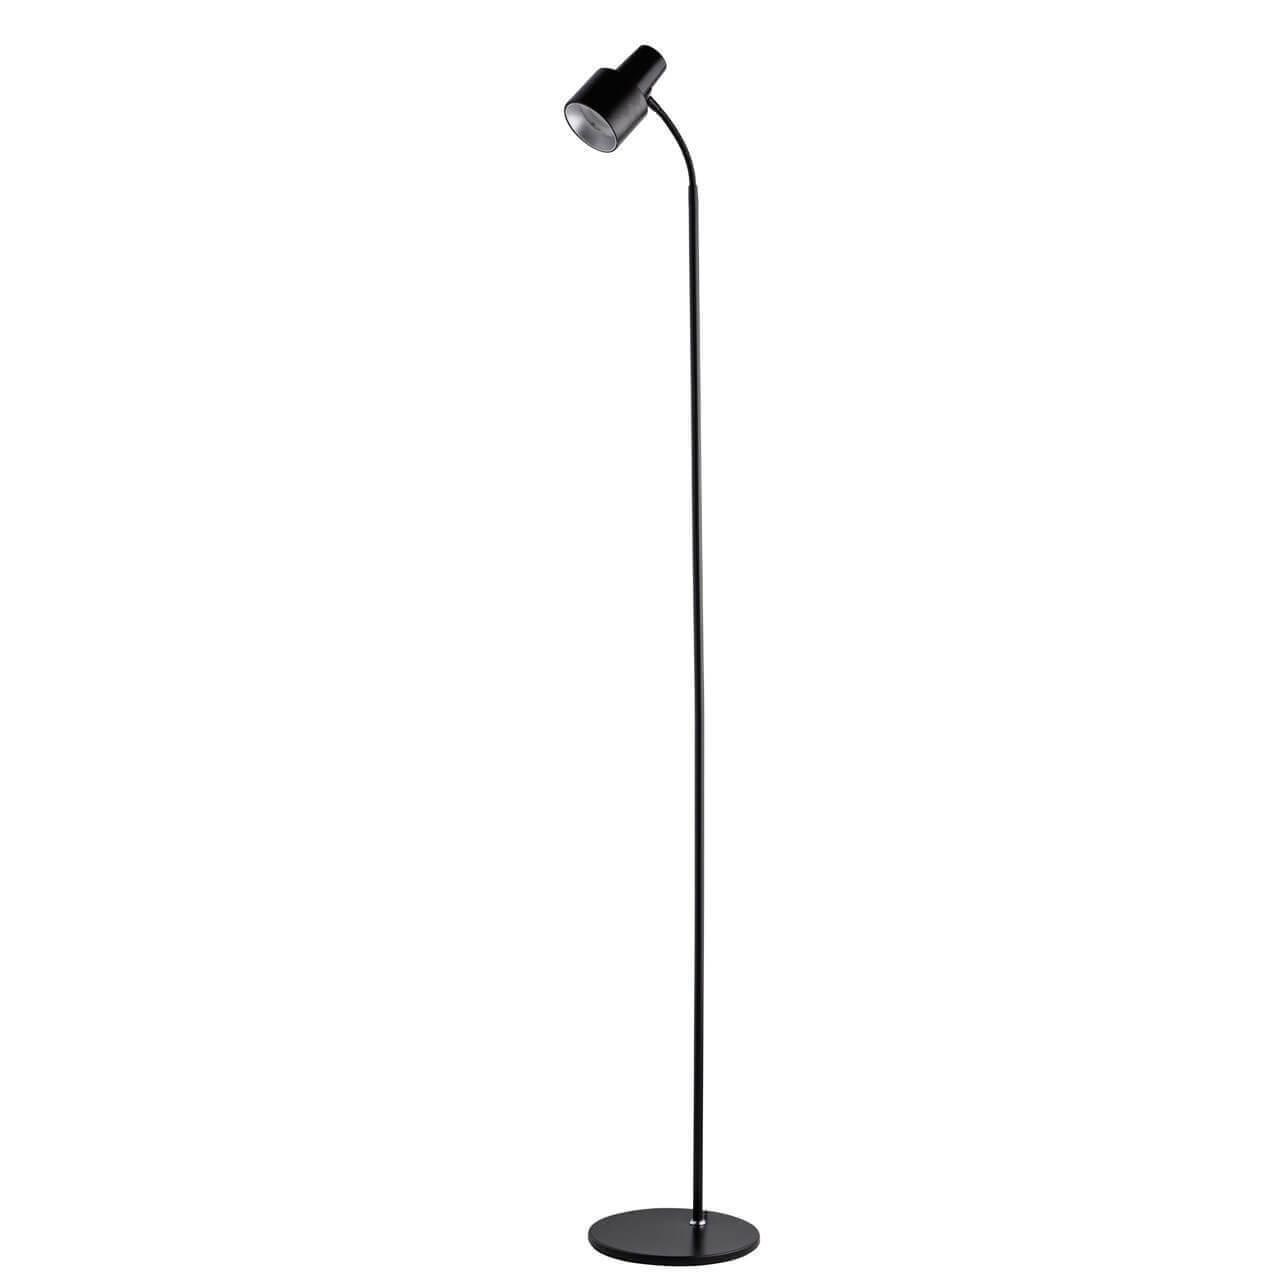 Напольный светильник De Markt 300044001, LED, 5 Вт